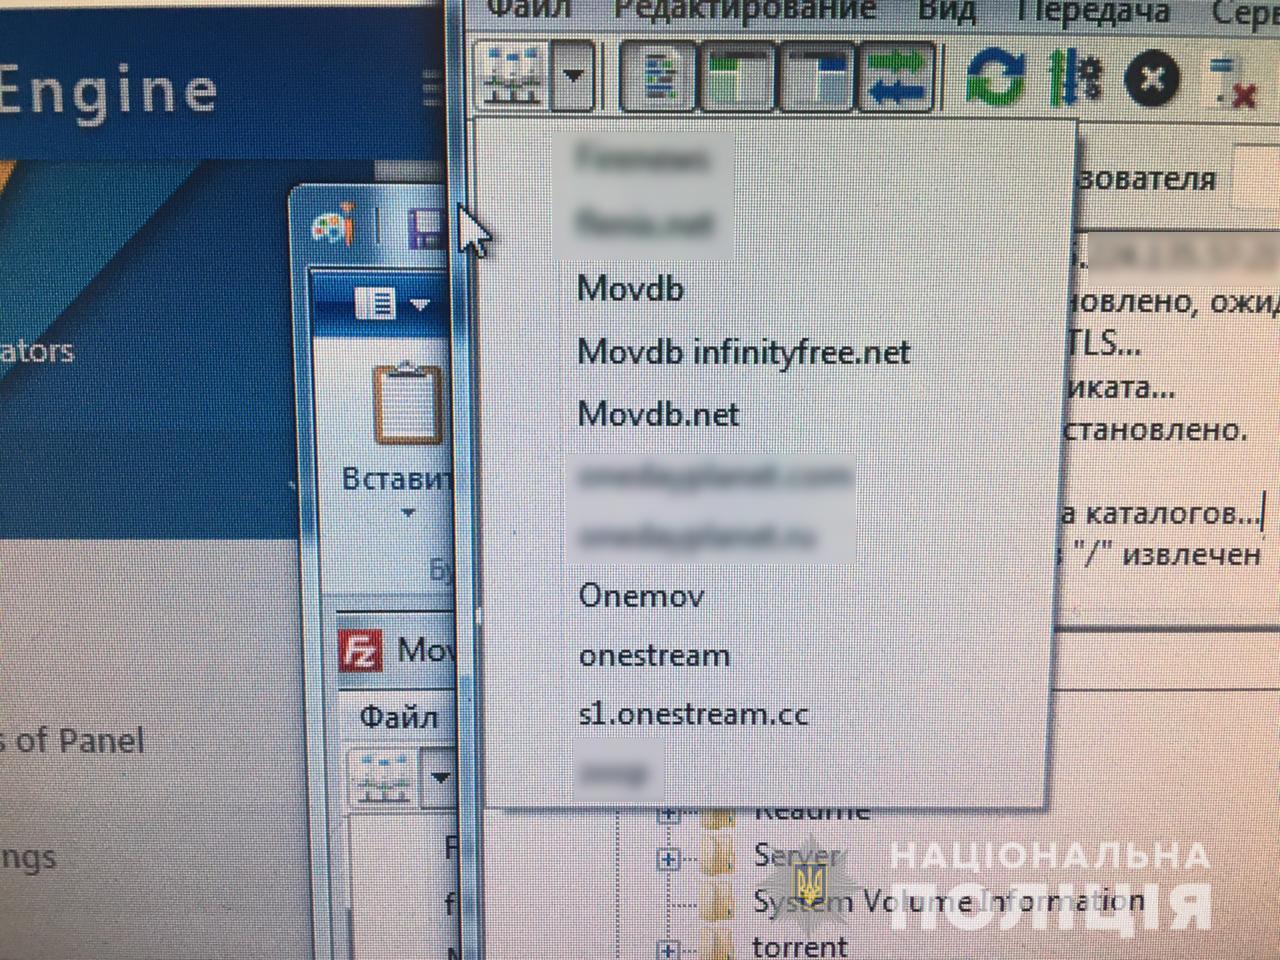 onemov.net Кіберполіція